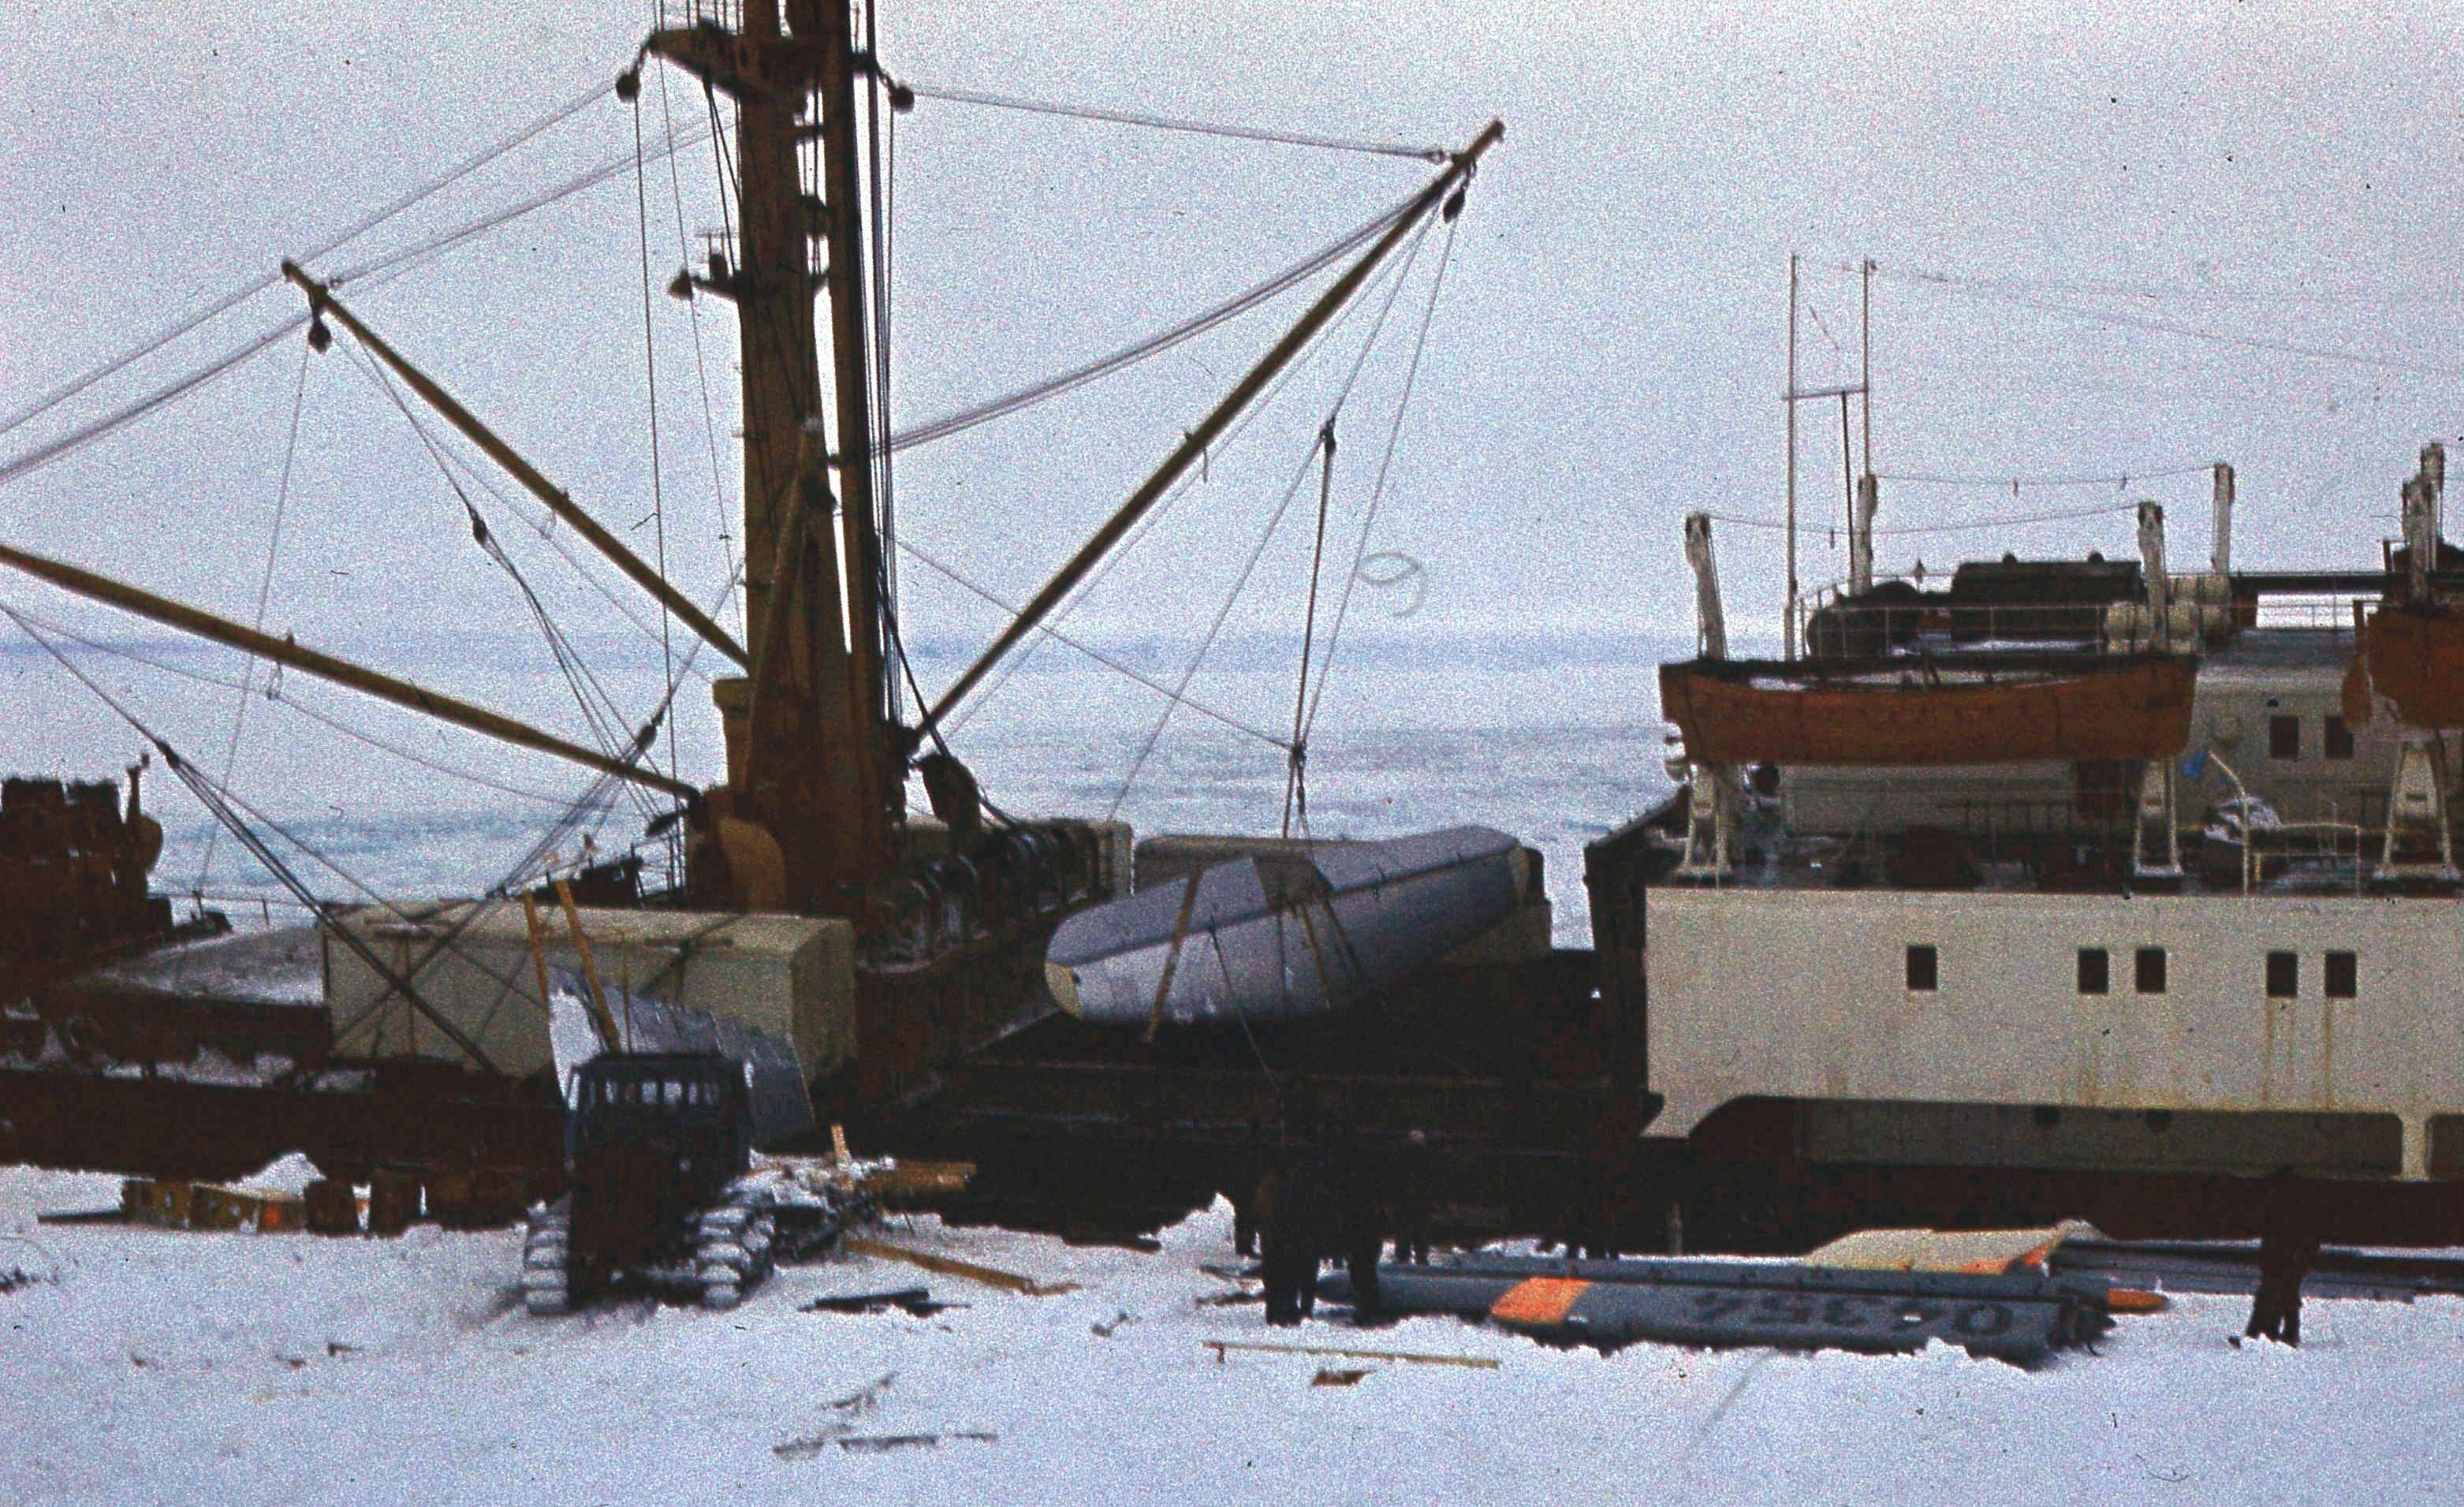 829771 Антарктическая станция _Молодёжная_.jpg